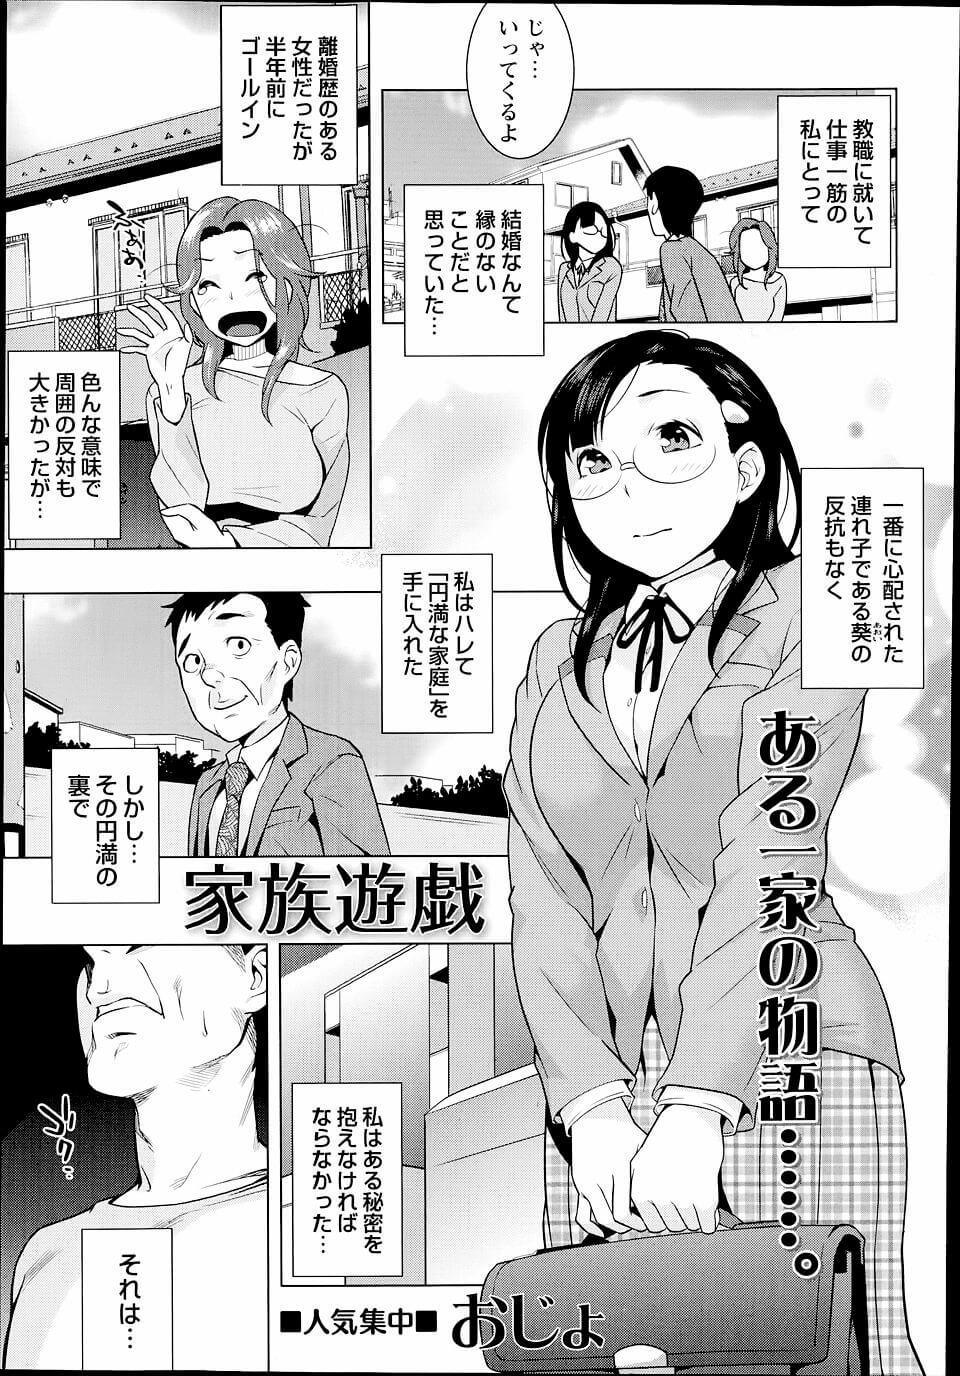 【エロ漫画】義娘のパンツを嗅いだことがバレてしまい義娘とイビツな関係に…【無料 エロ同人】 (1)